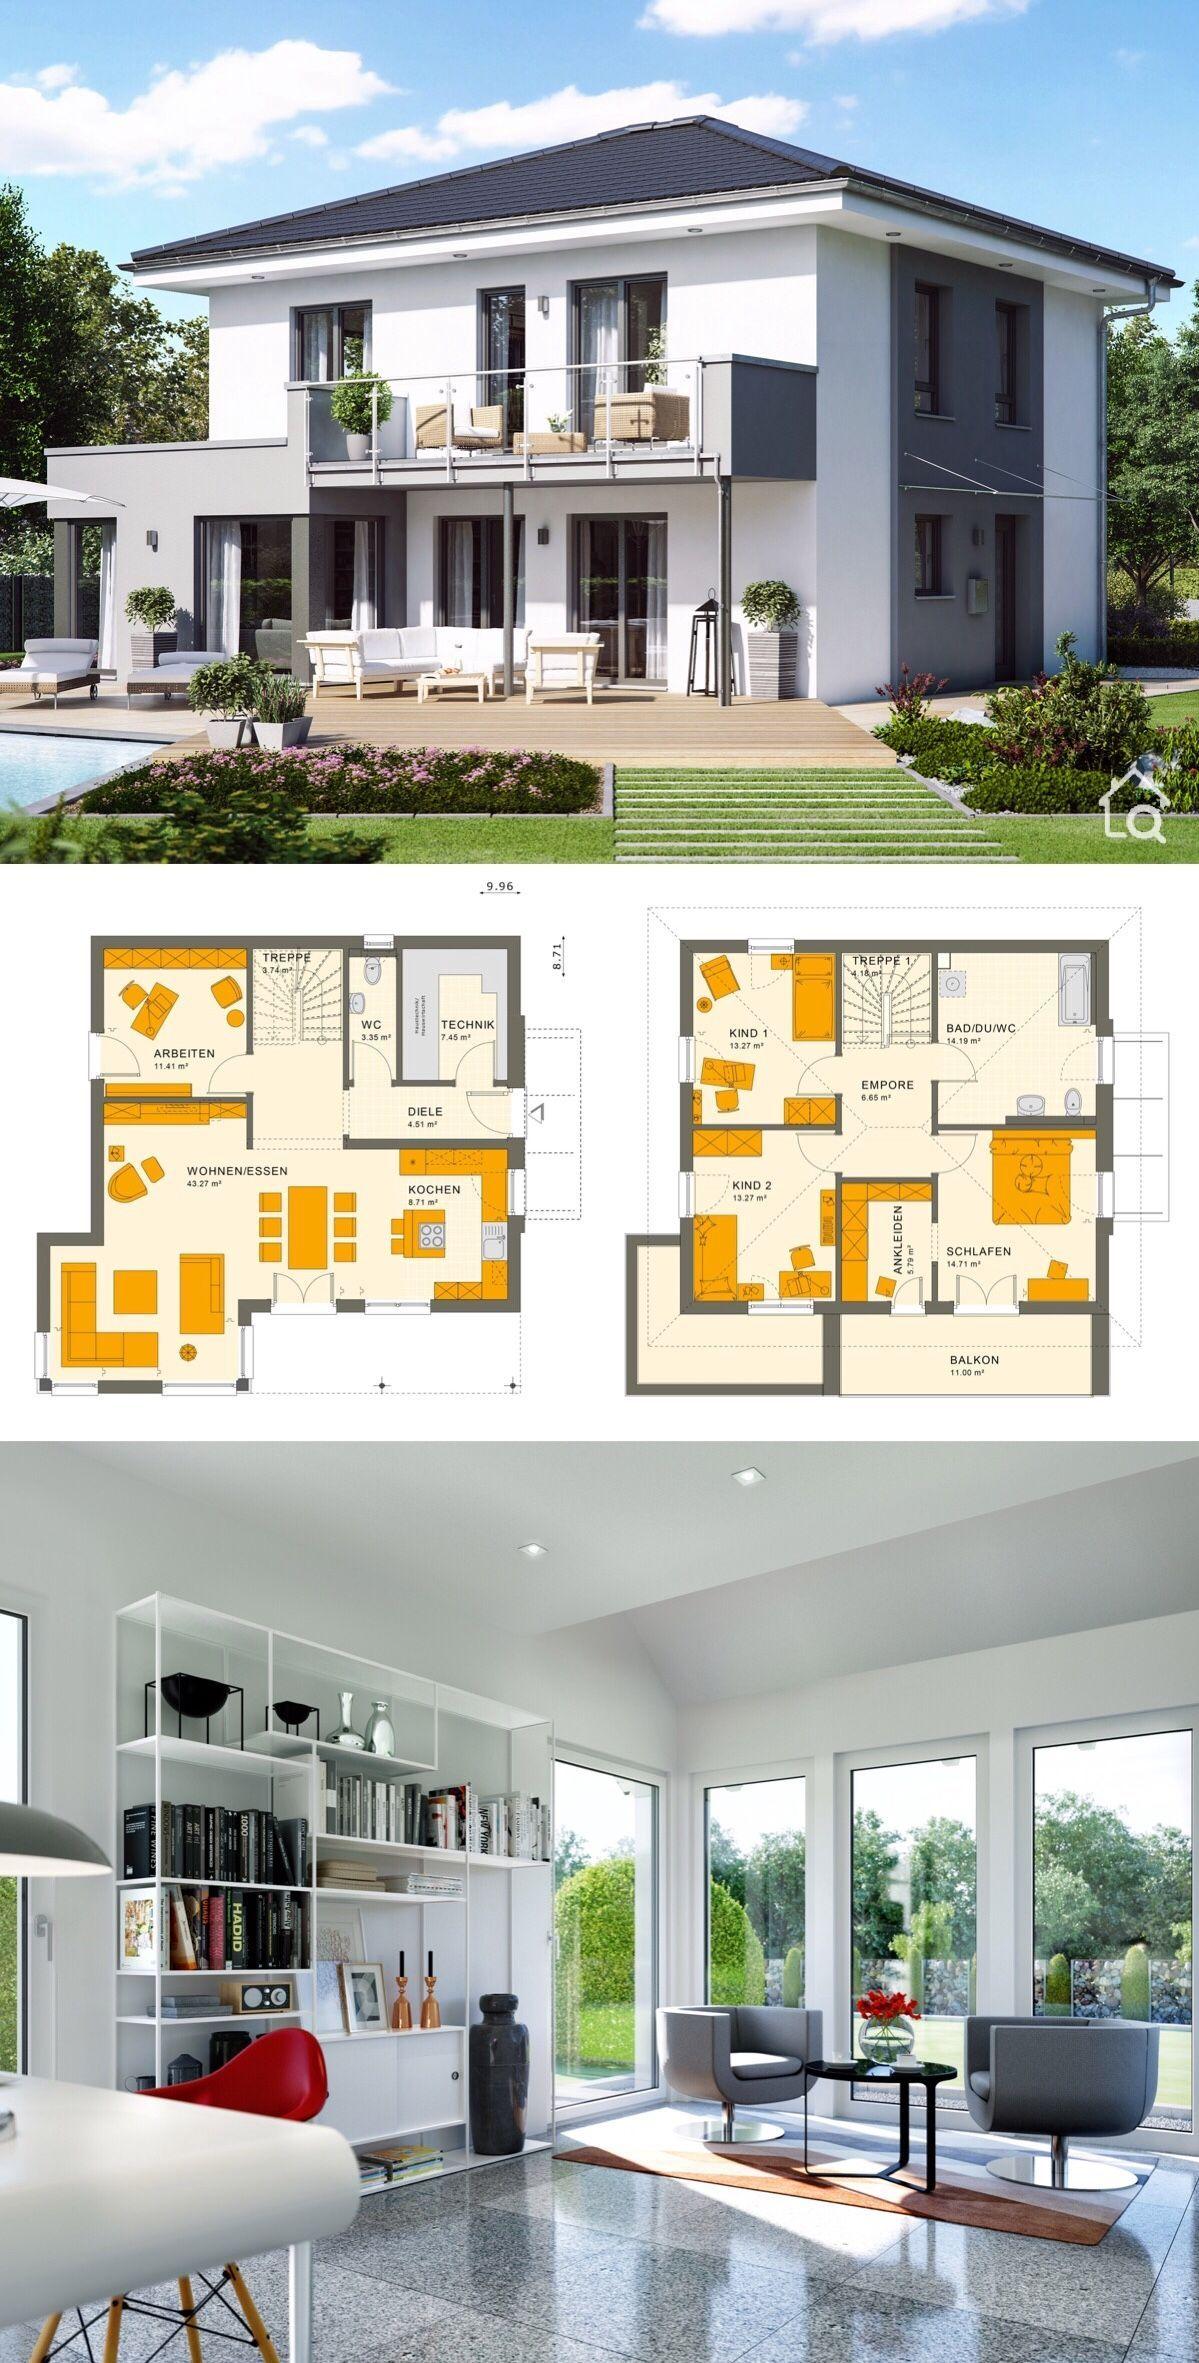 Fertighaus Stadtvilla modern mit Walmdach & Putz Fassade